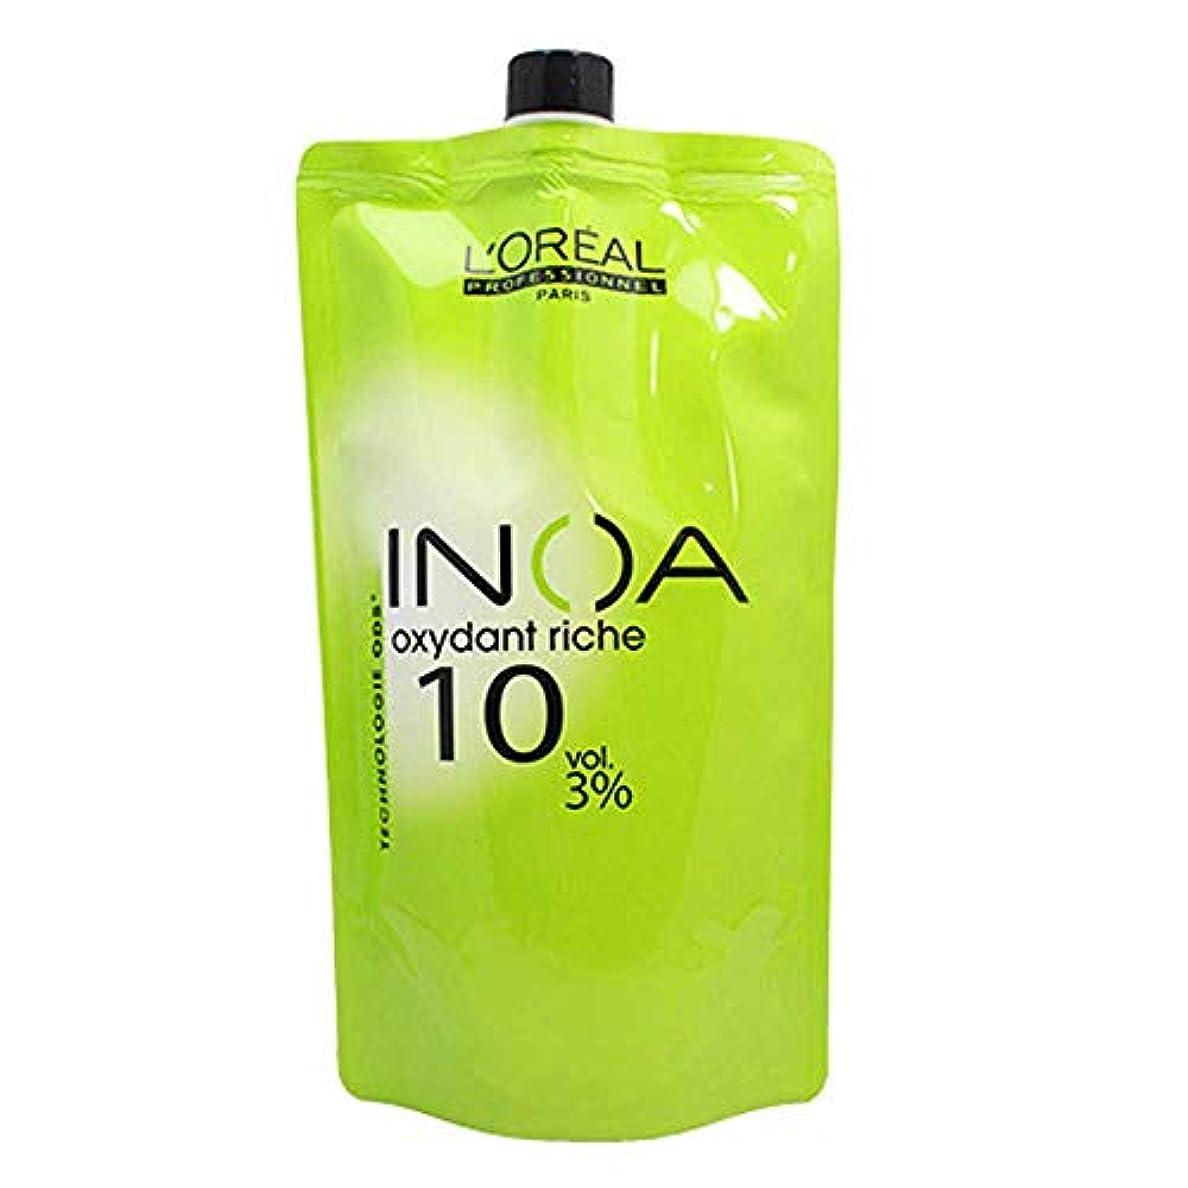 色合い焦げ節約ロレアル イノア オキシダンクリーム 第2剤 (3%)